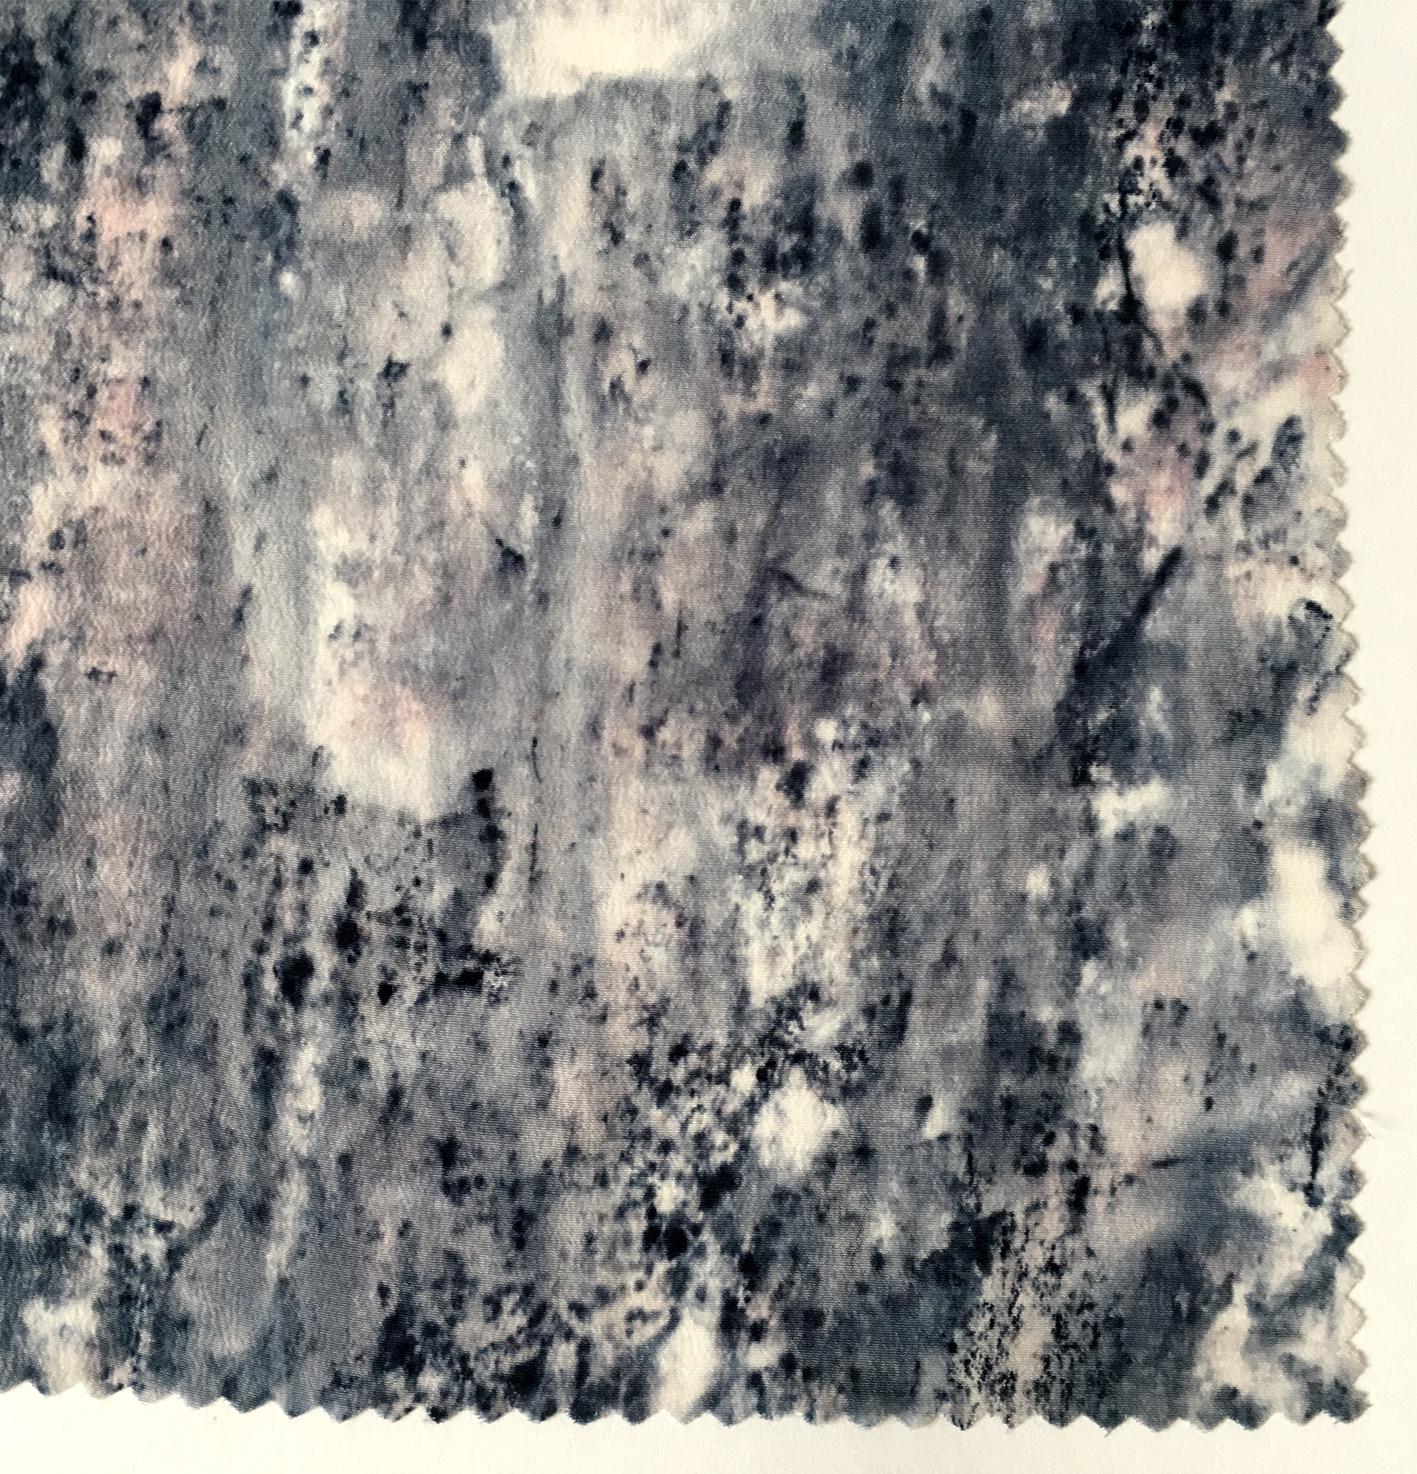 RIKKELEMMING-TEXTILE MICROSCOPE-PIC31.jpg